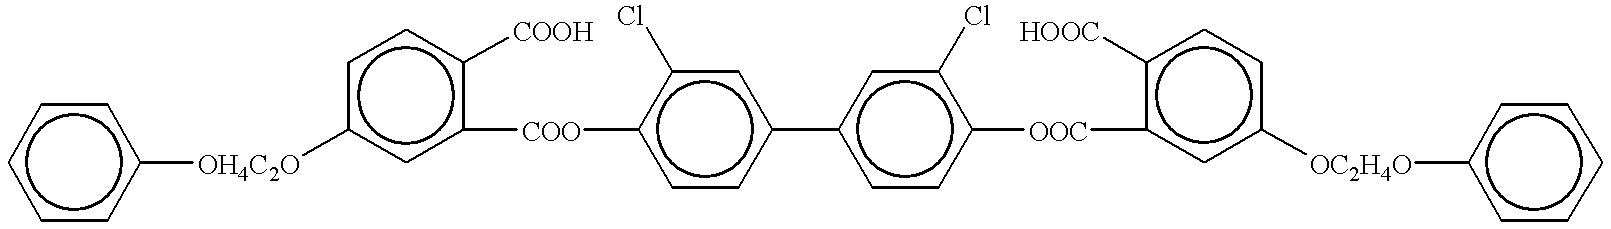 Figure US06180560-20010130-C00254